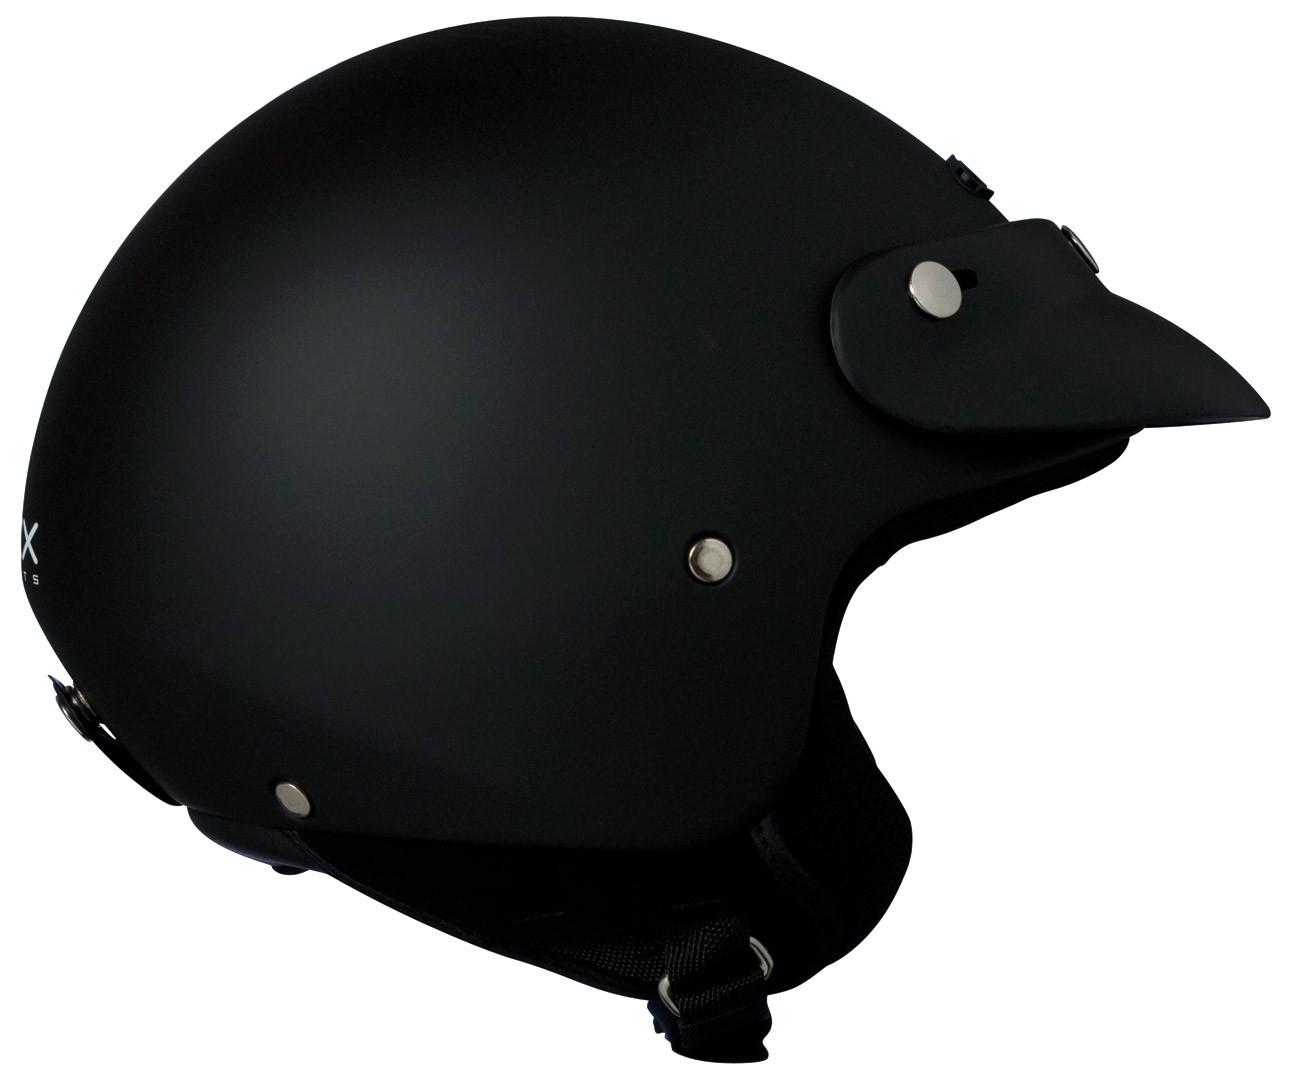 Nexx SX.60 Basic Jethelm, schwarz, Größe XL, schwarz, Größe XL